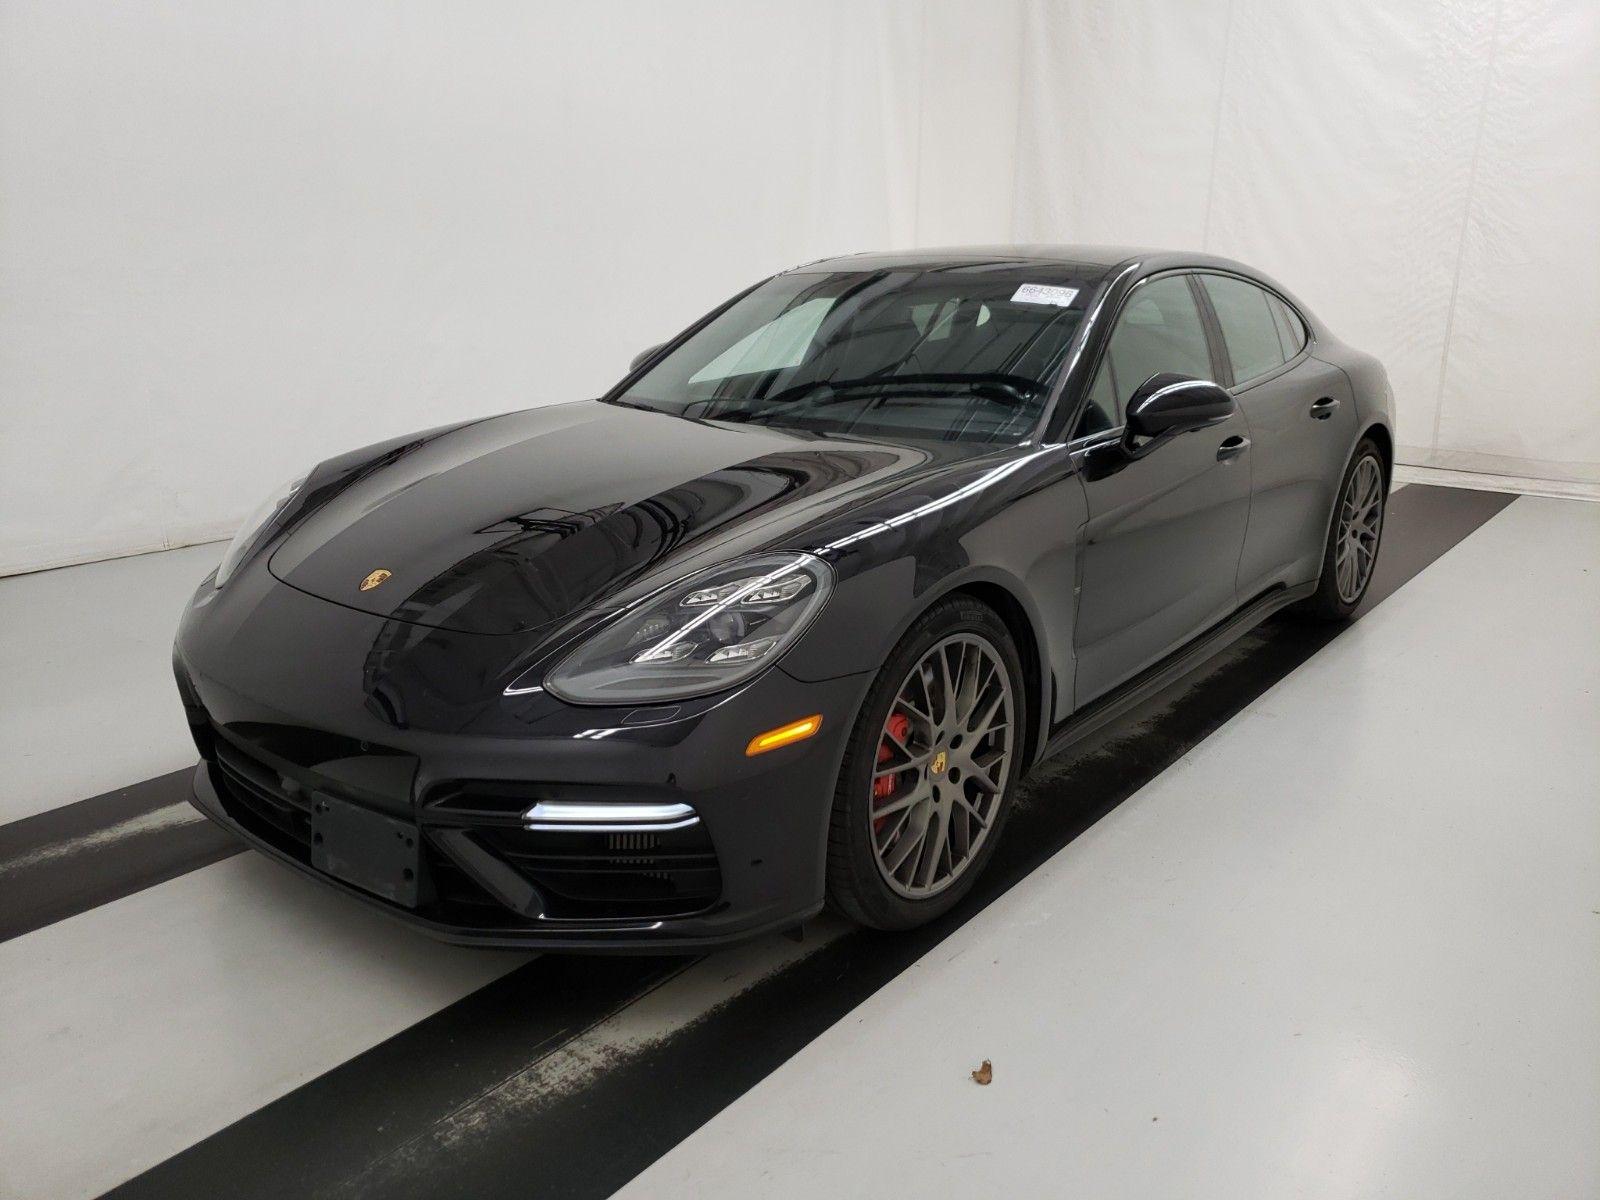 2017 Porsche Panamera 4.0. Lot 99921331329 Vin WP0AF2A72HL151605